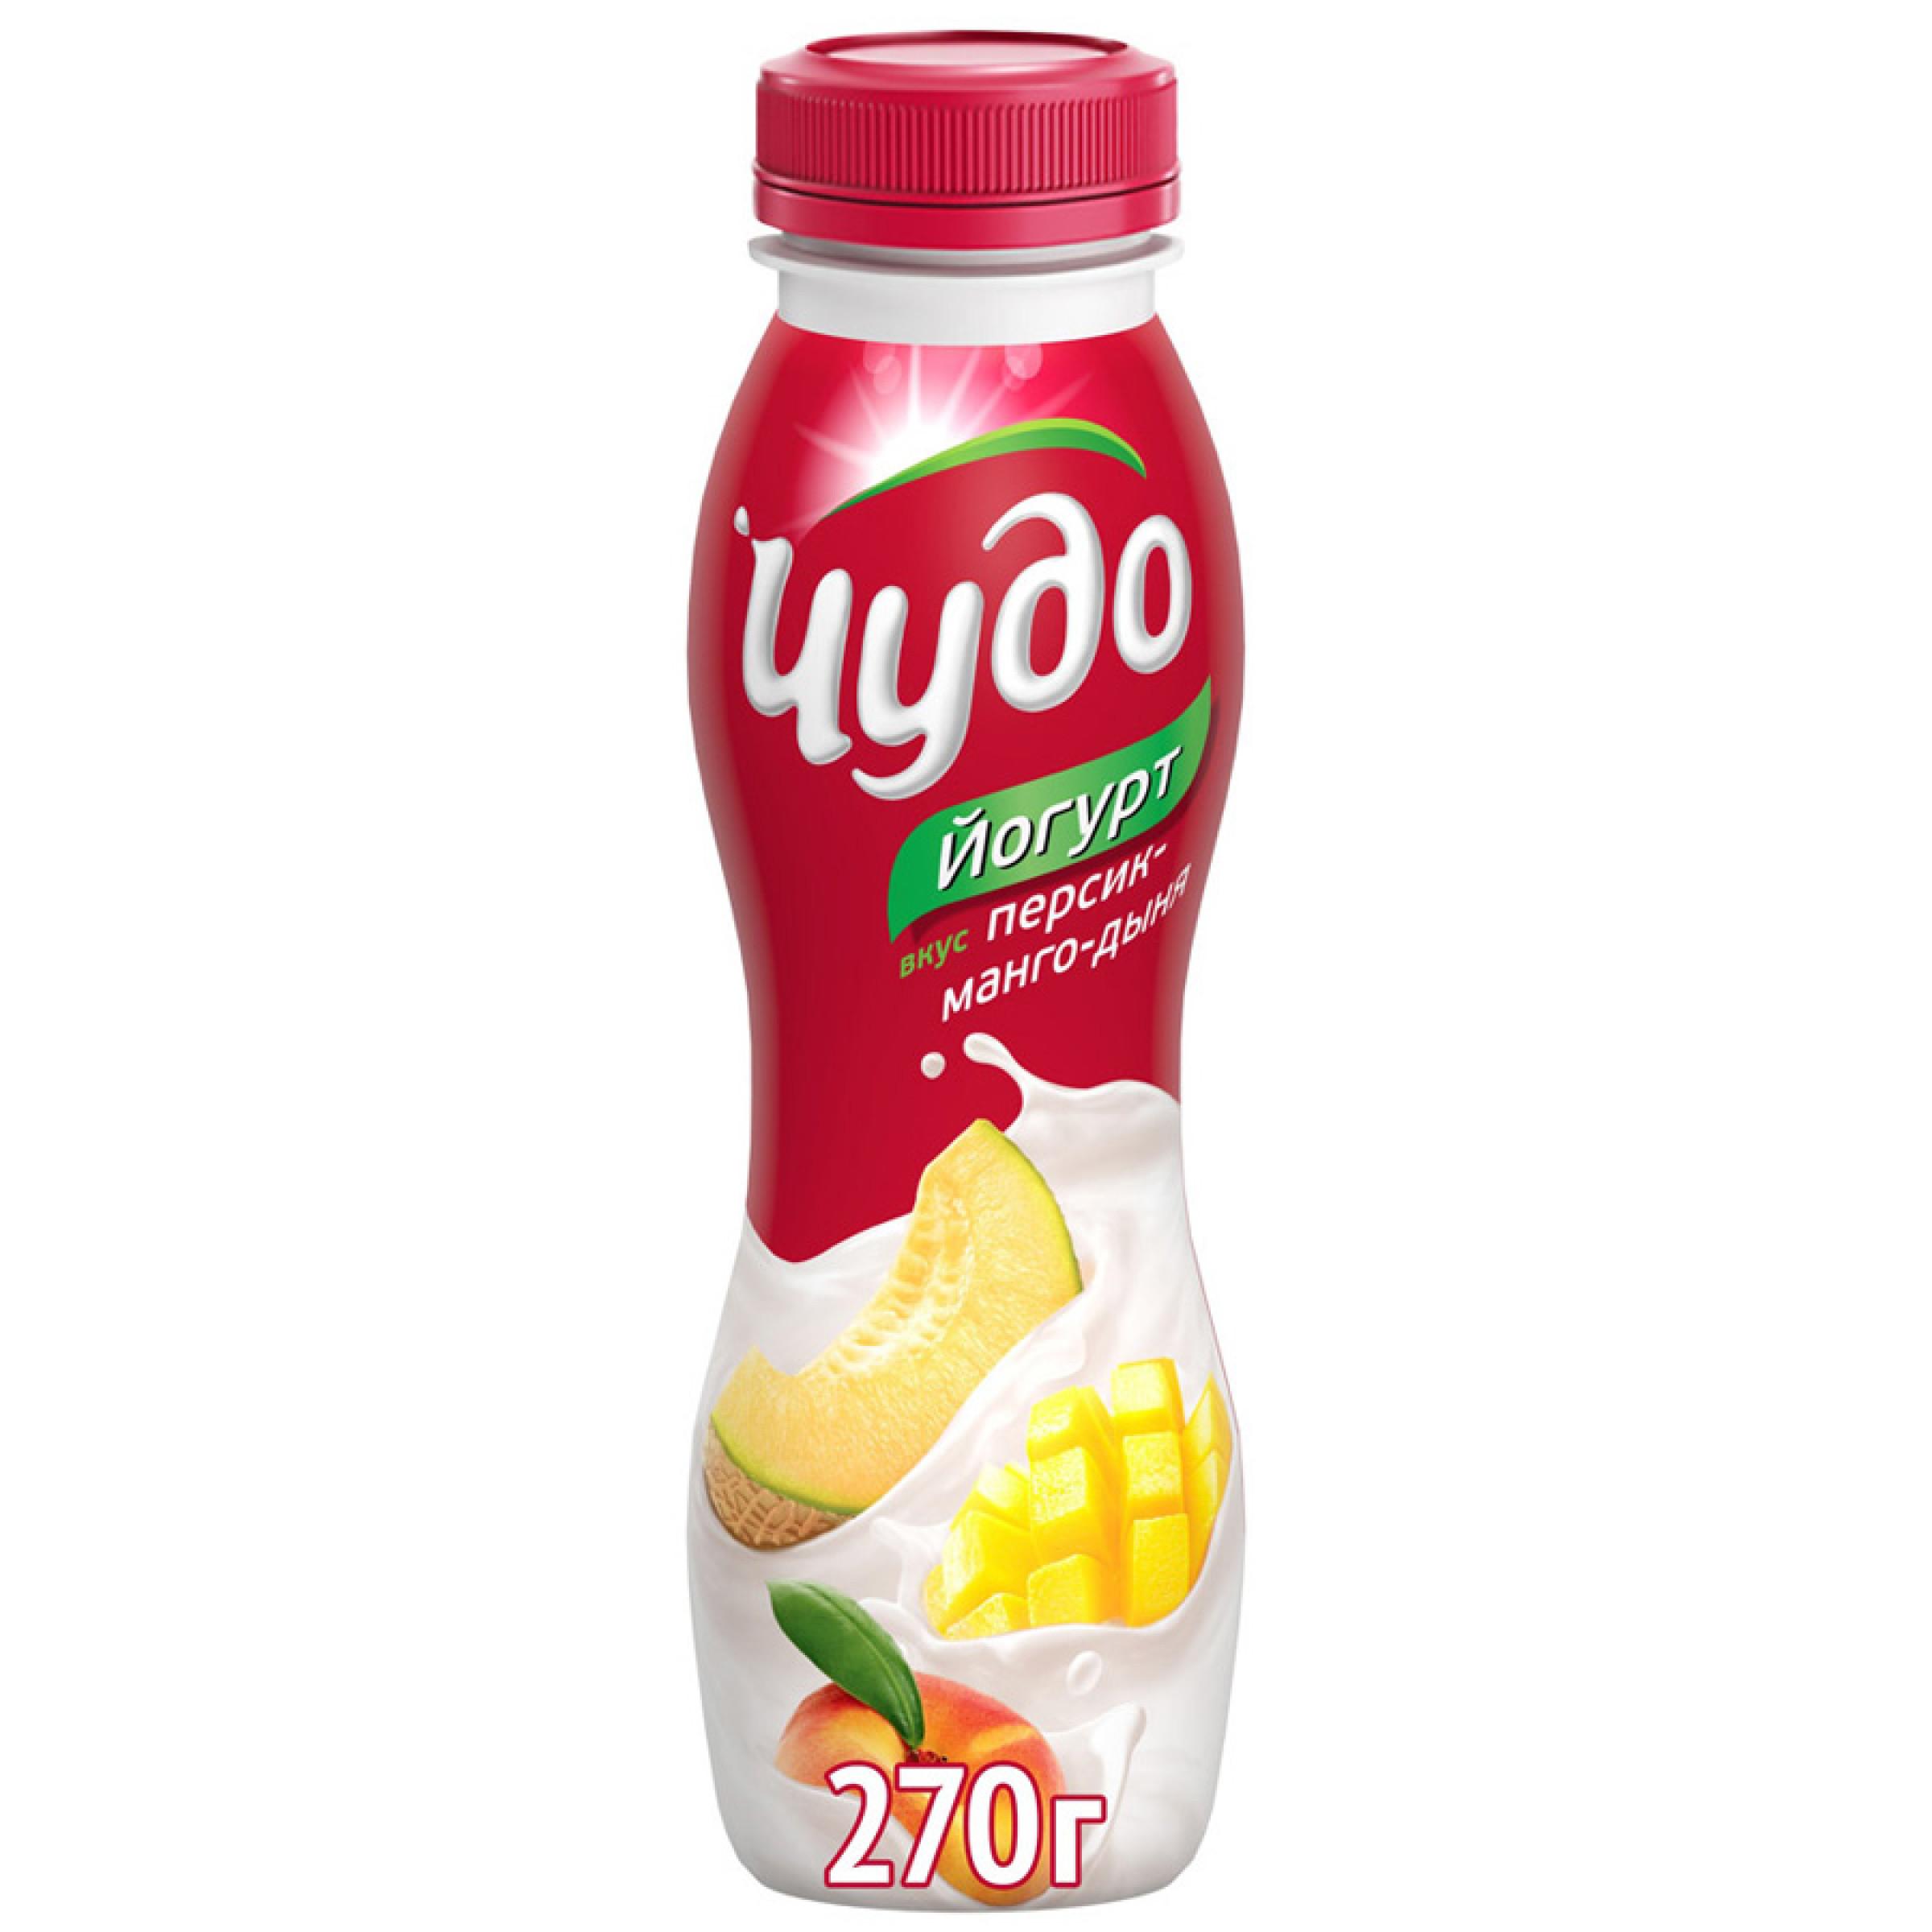 Йогурт питьевой Чудо 2. 4% персик-манго-дыня, 270гр